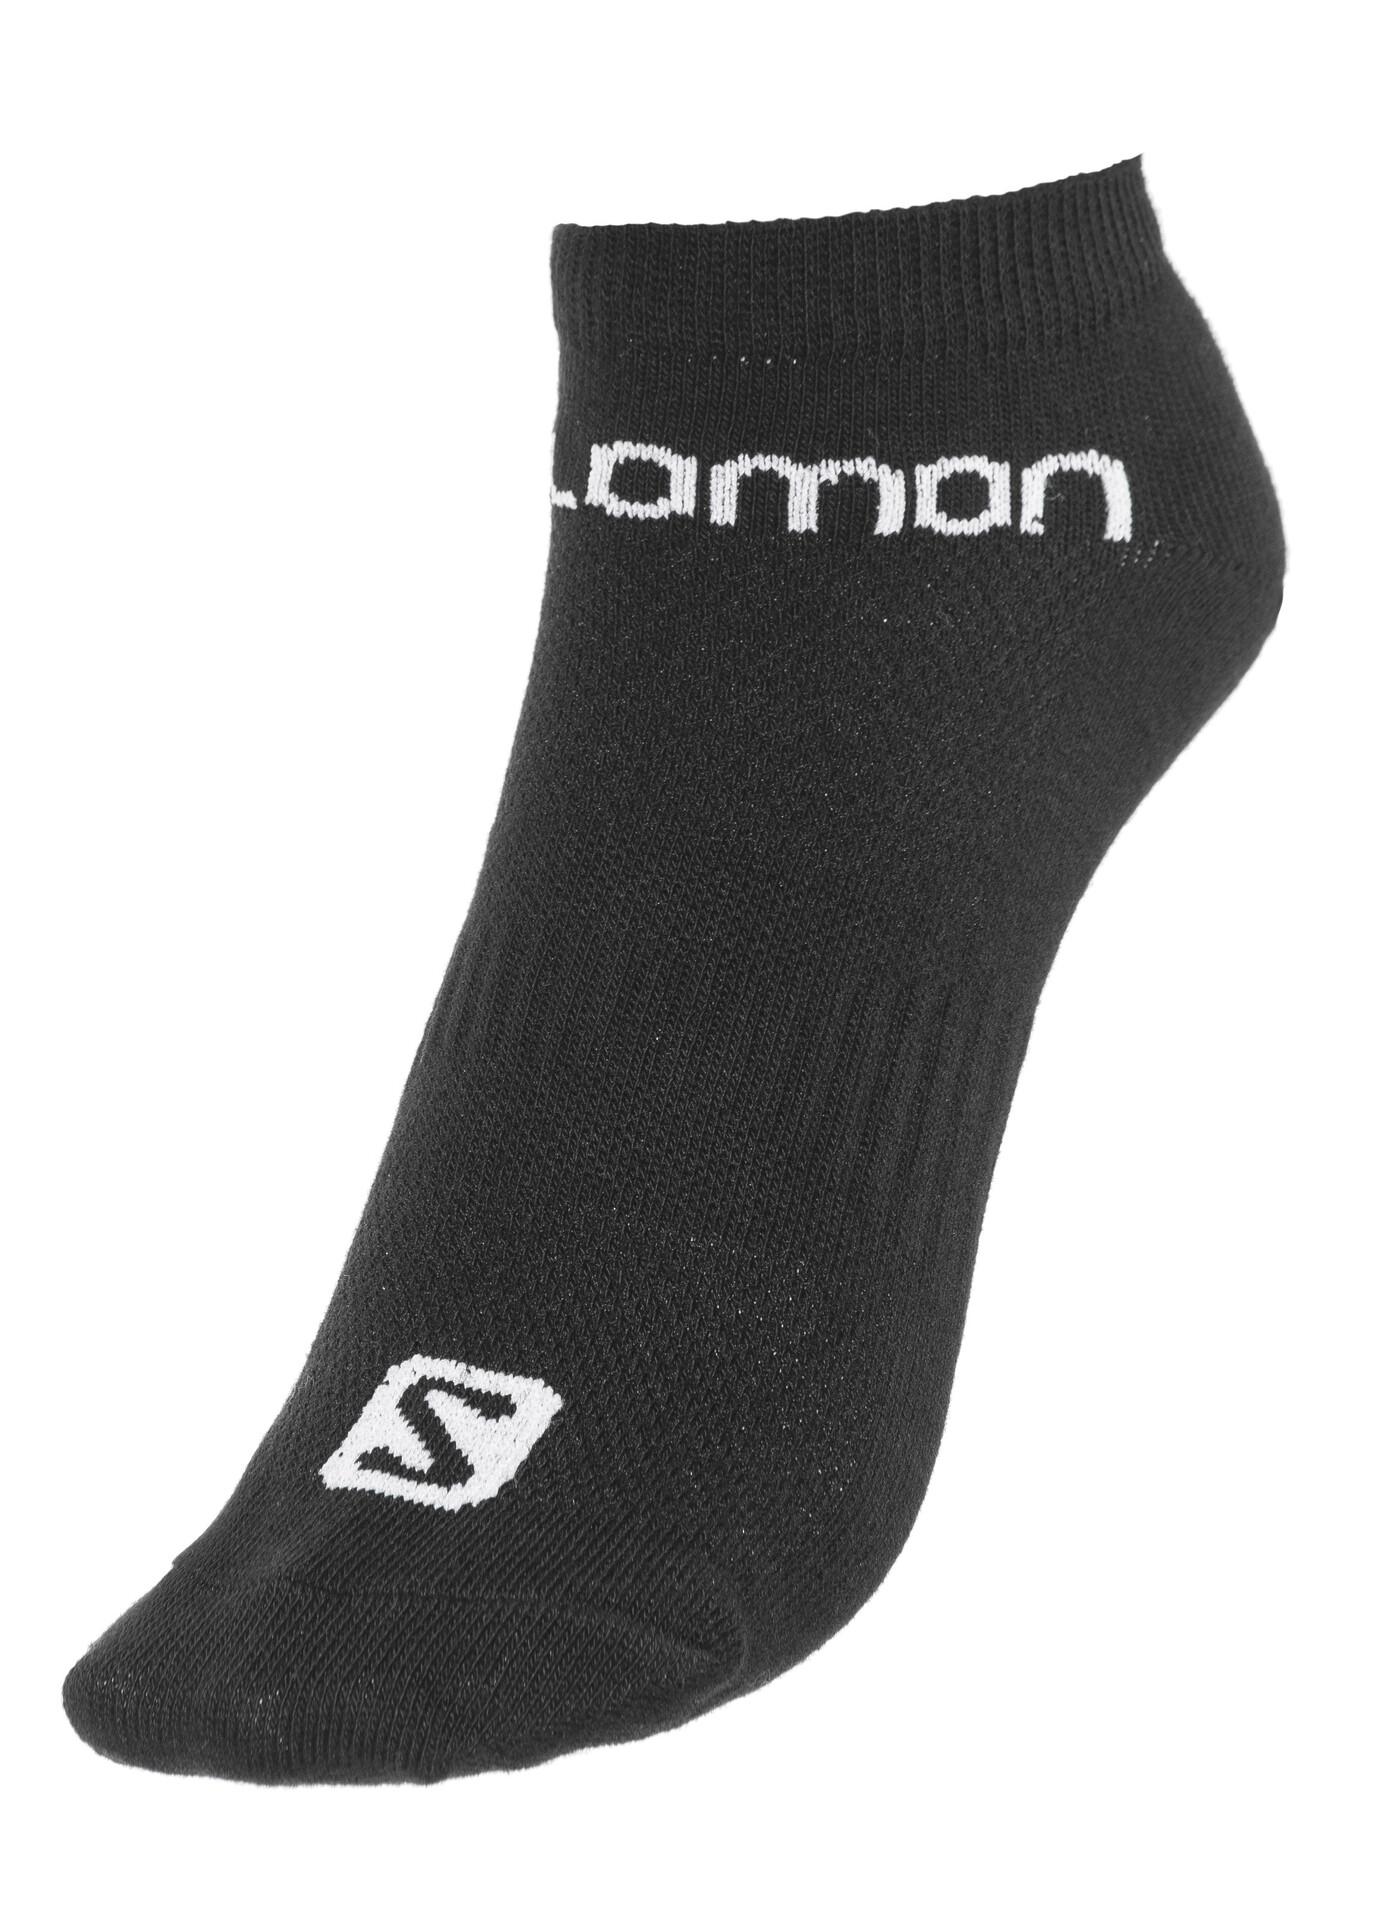 Salomon Life Low Socken 3er Pack white + black + grey